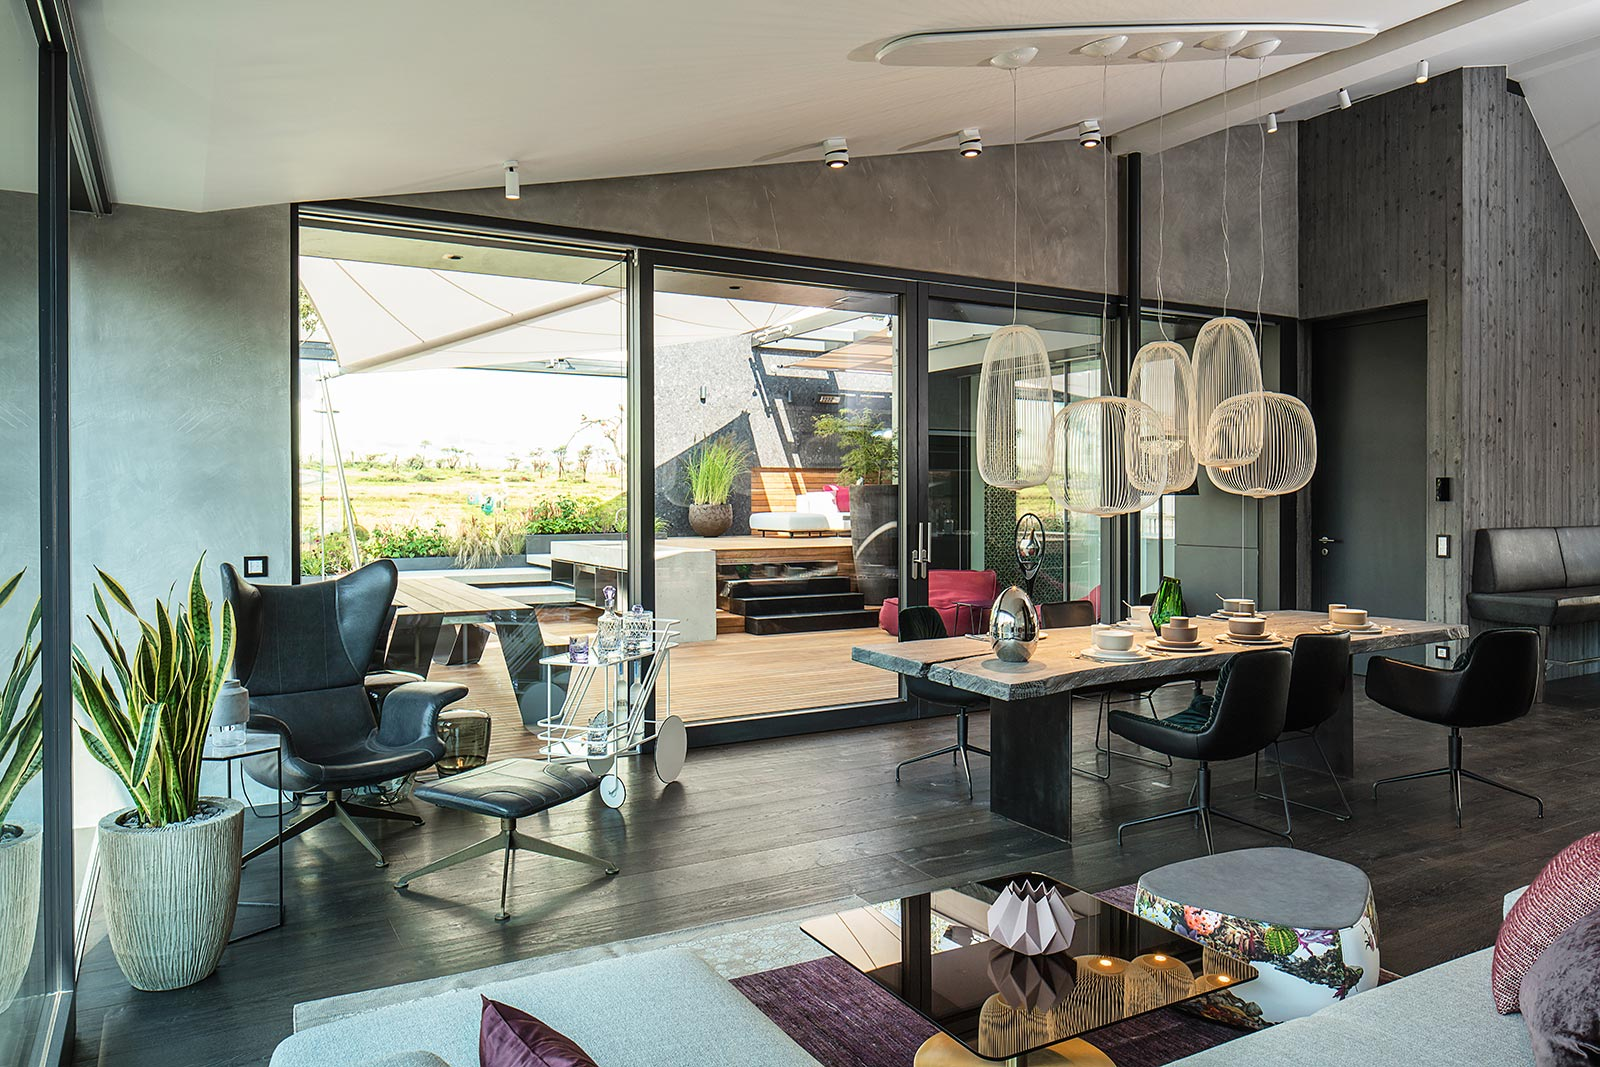 Architektur und Innenarchitekturfotografie, Fotograf für Inneneinrichtung, Innenarchitektur und Architektur, Wien und München